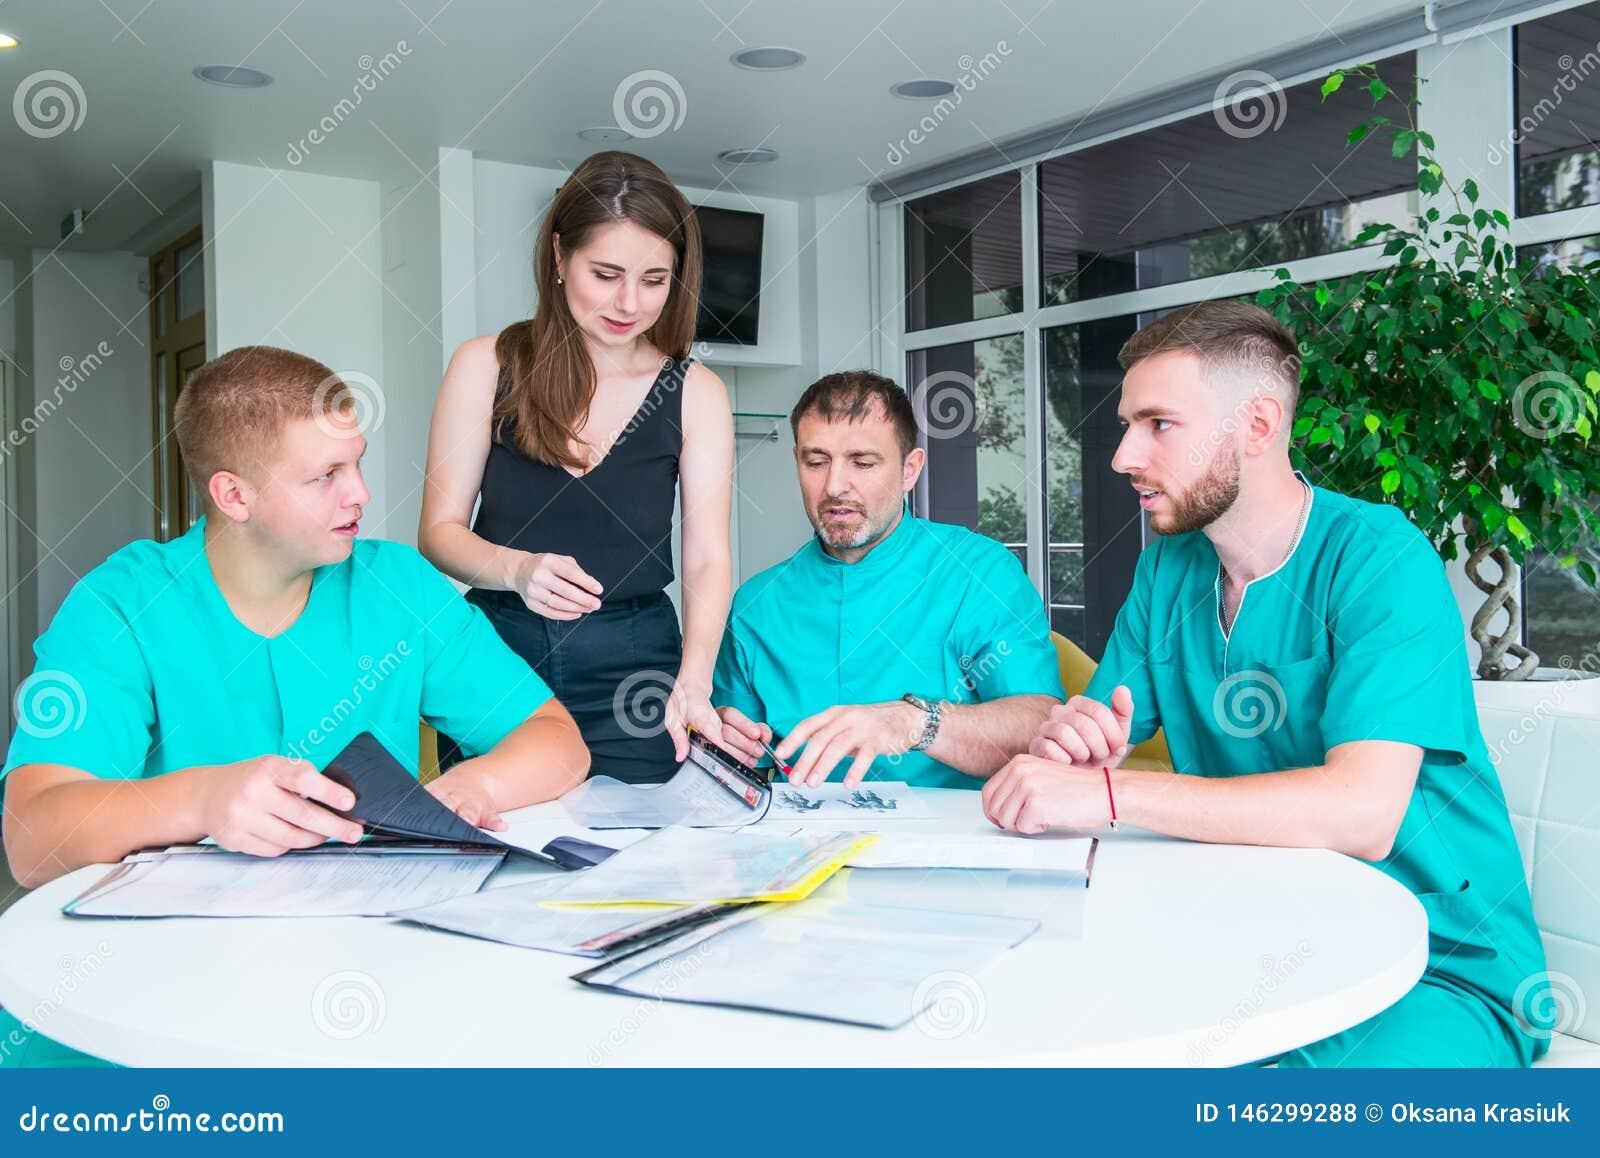 Ομάδα ευτυχών γιατρών ή οικότροφων με τη συνεδρίαση και τη λήψη των συμβούλων των σημειώσεων στο νοσοκομείο ιατρική εκπαίδευση, υ